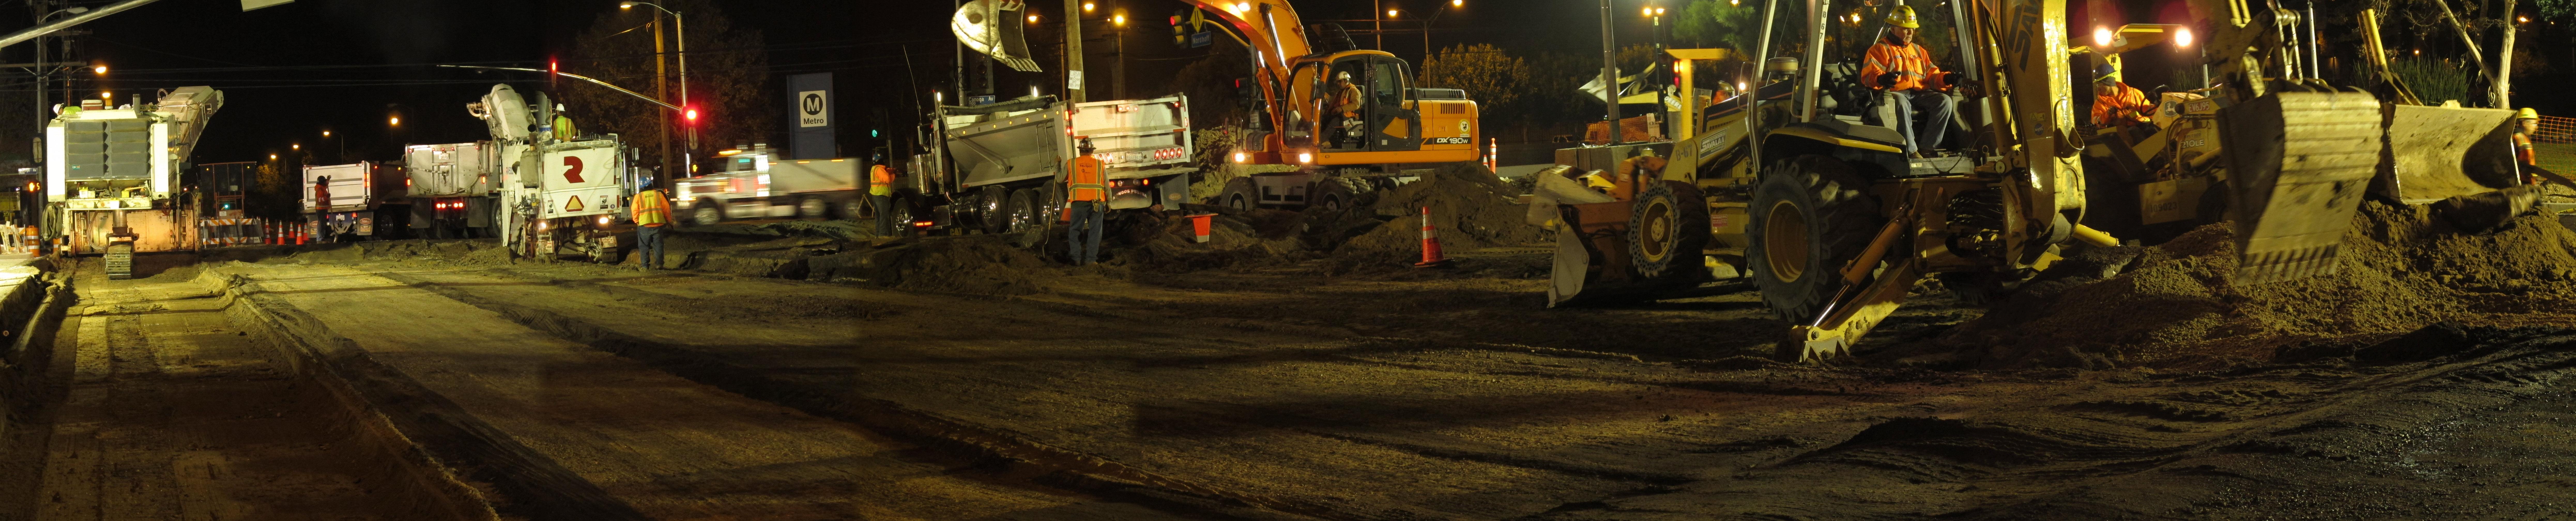 Obras de repavimentación en la extensión Canoga de la Línea Naranja del Metro. (Foto Perla Berry/El Pasajero).